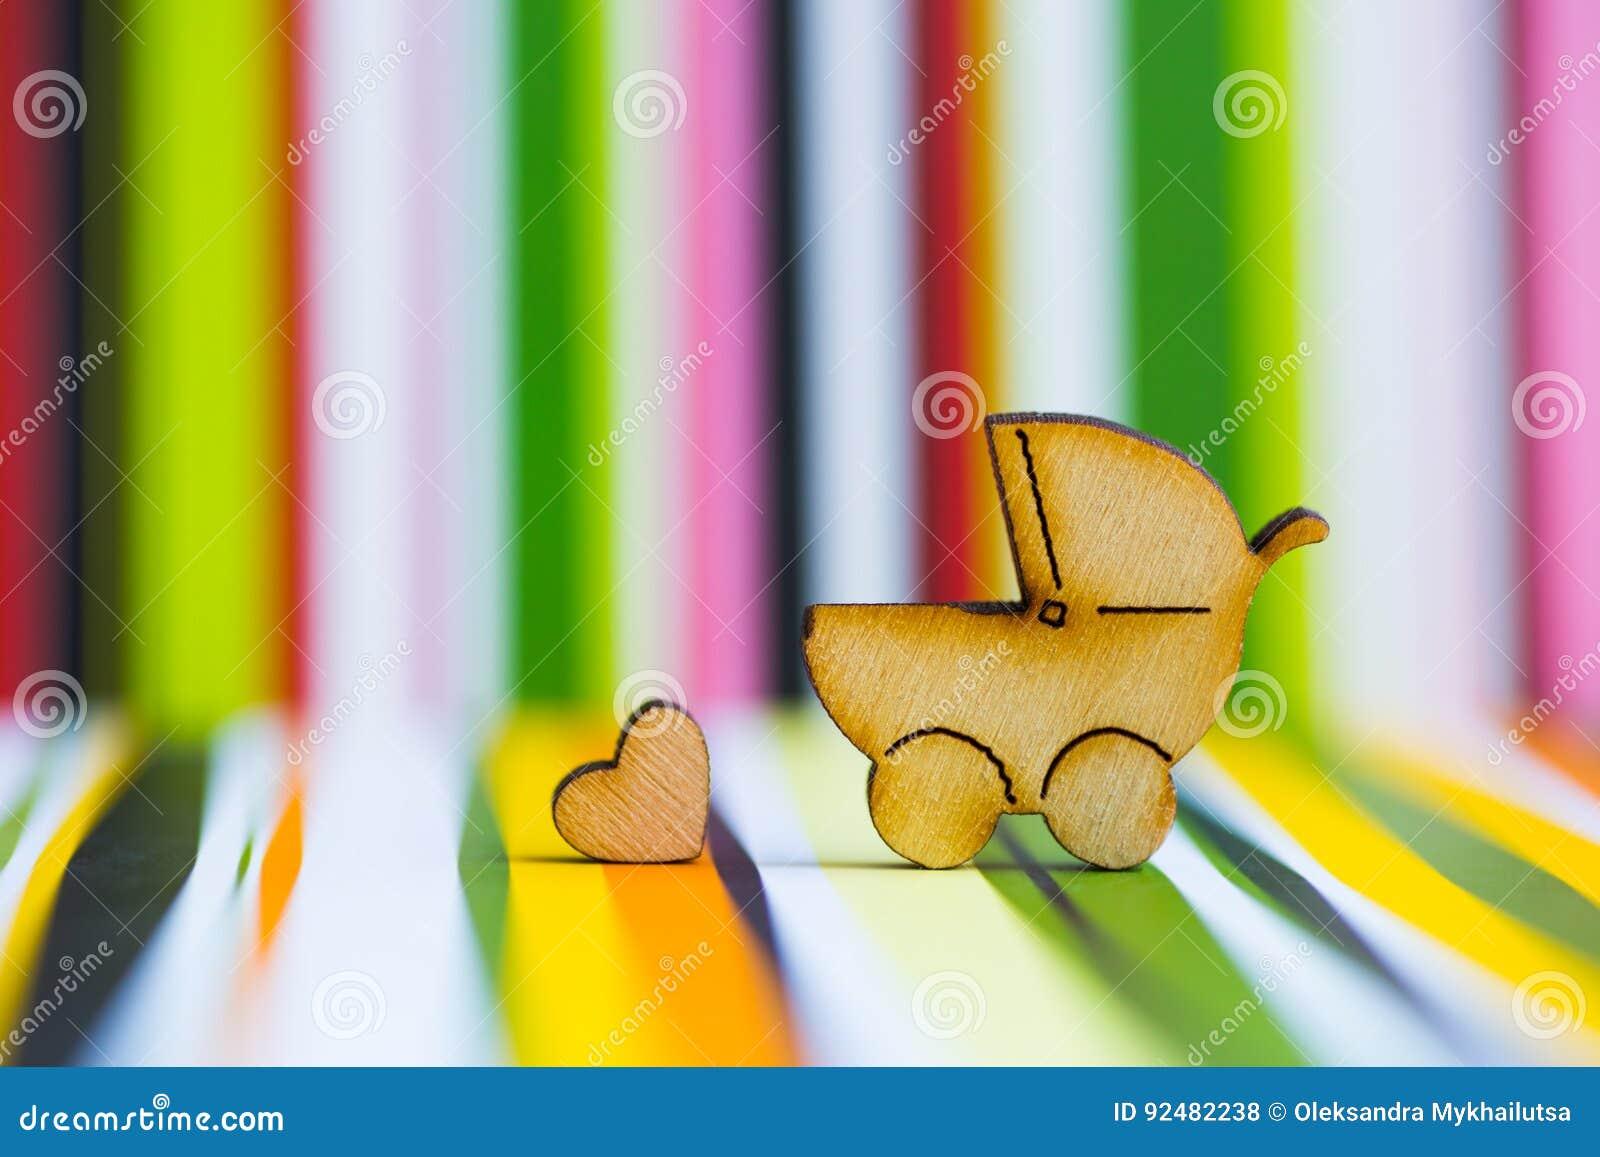 Icona di legno della carrozzina e di poco cuore sulla b a strisce variopinta